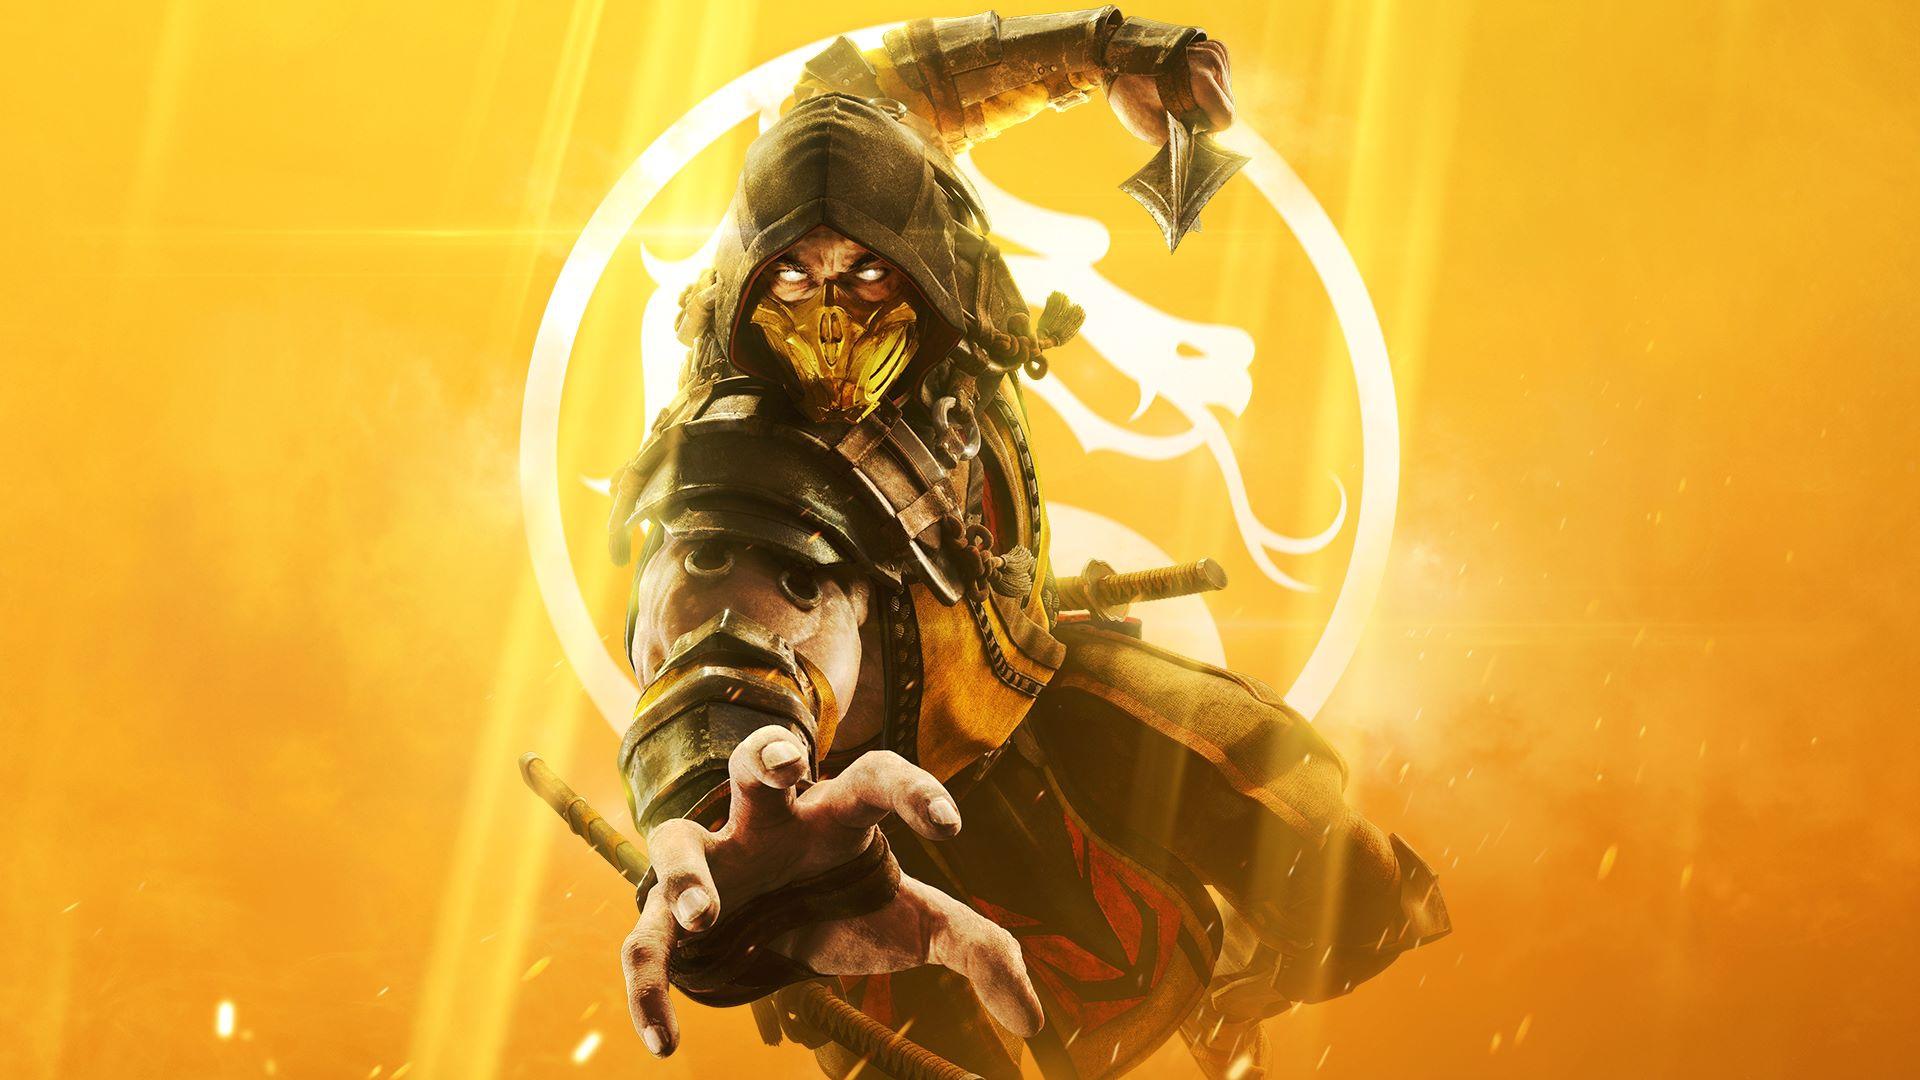 Una data per la closed beta di Mortal Kombat 11